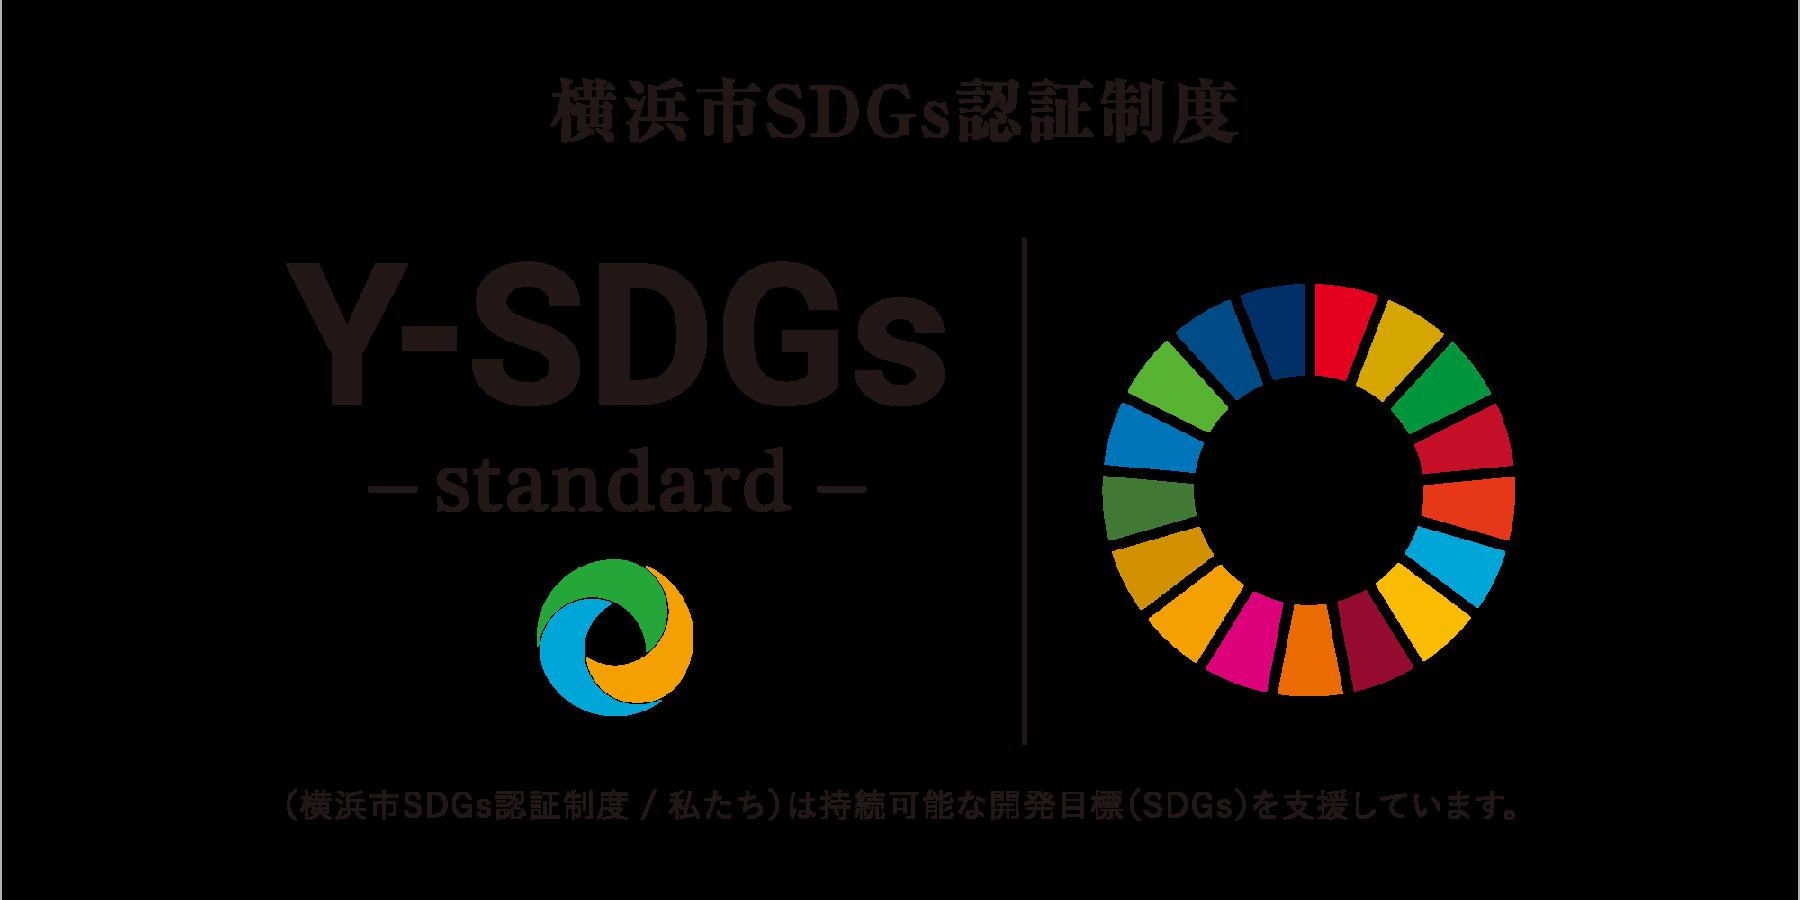 横浜市SDGs認証制度「Y-SDGs」の認証をいただきました